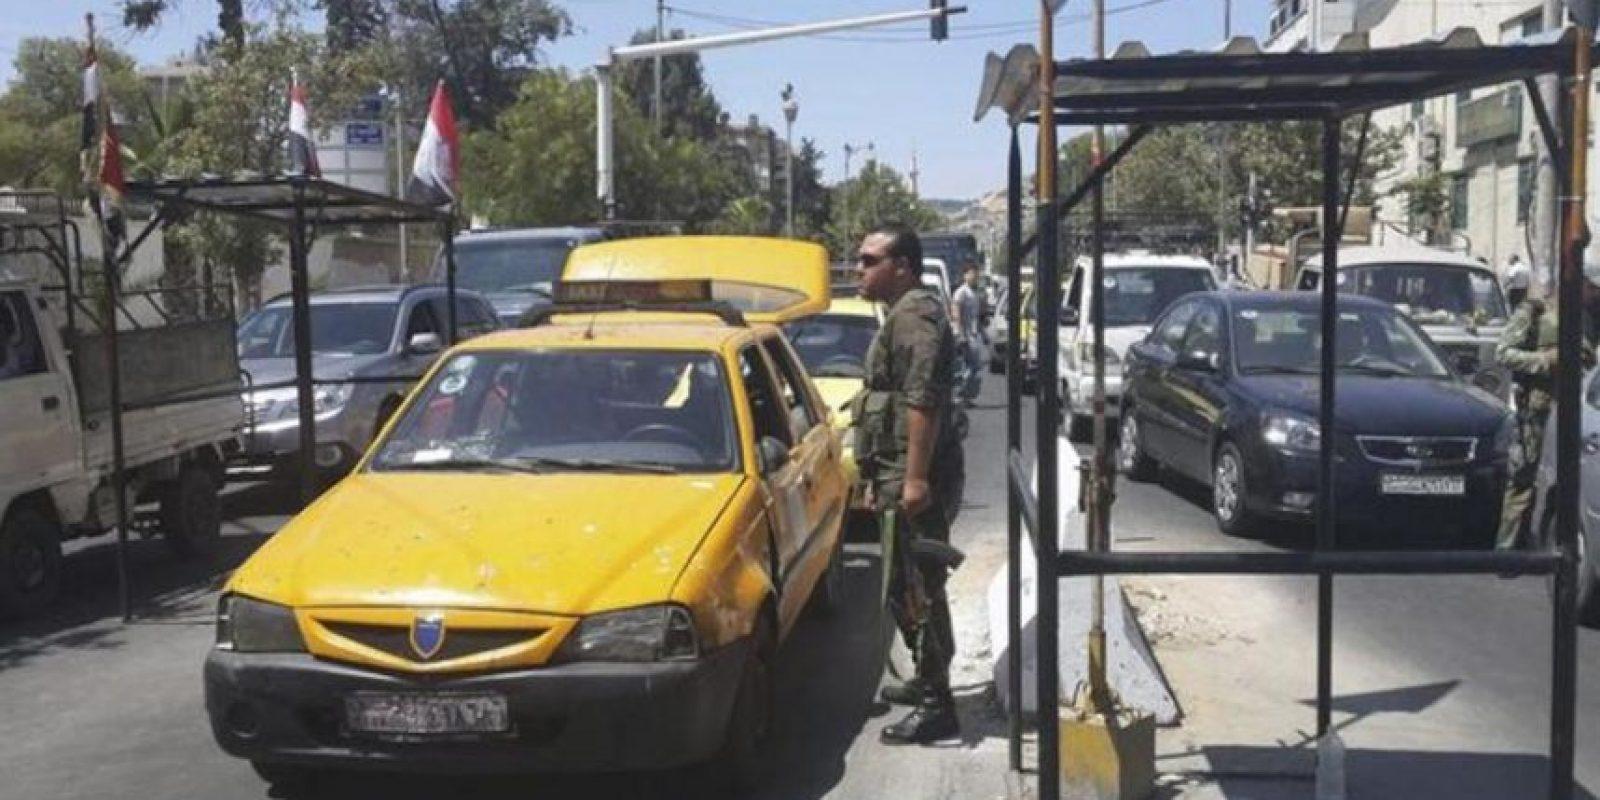 Soldados sirios revisan la identidad de conductores en un punto de control en la calle Bagdad en Damasco (Siria) antes de ayer. EFE